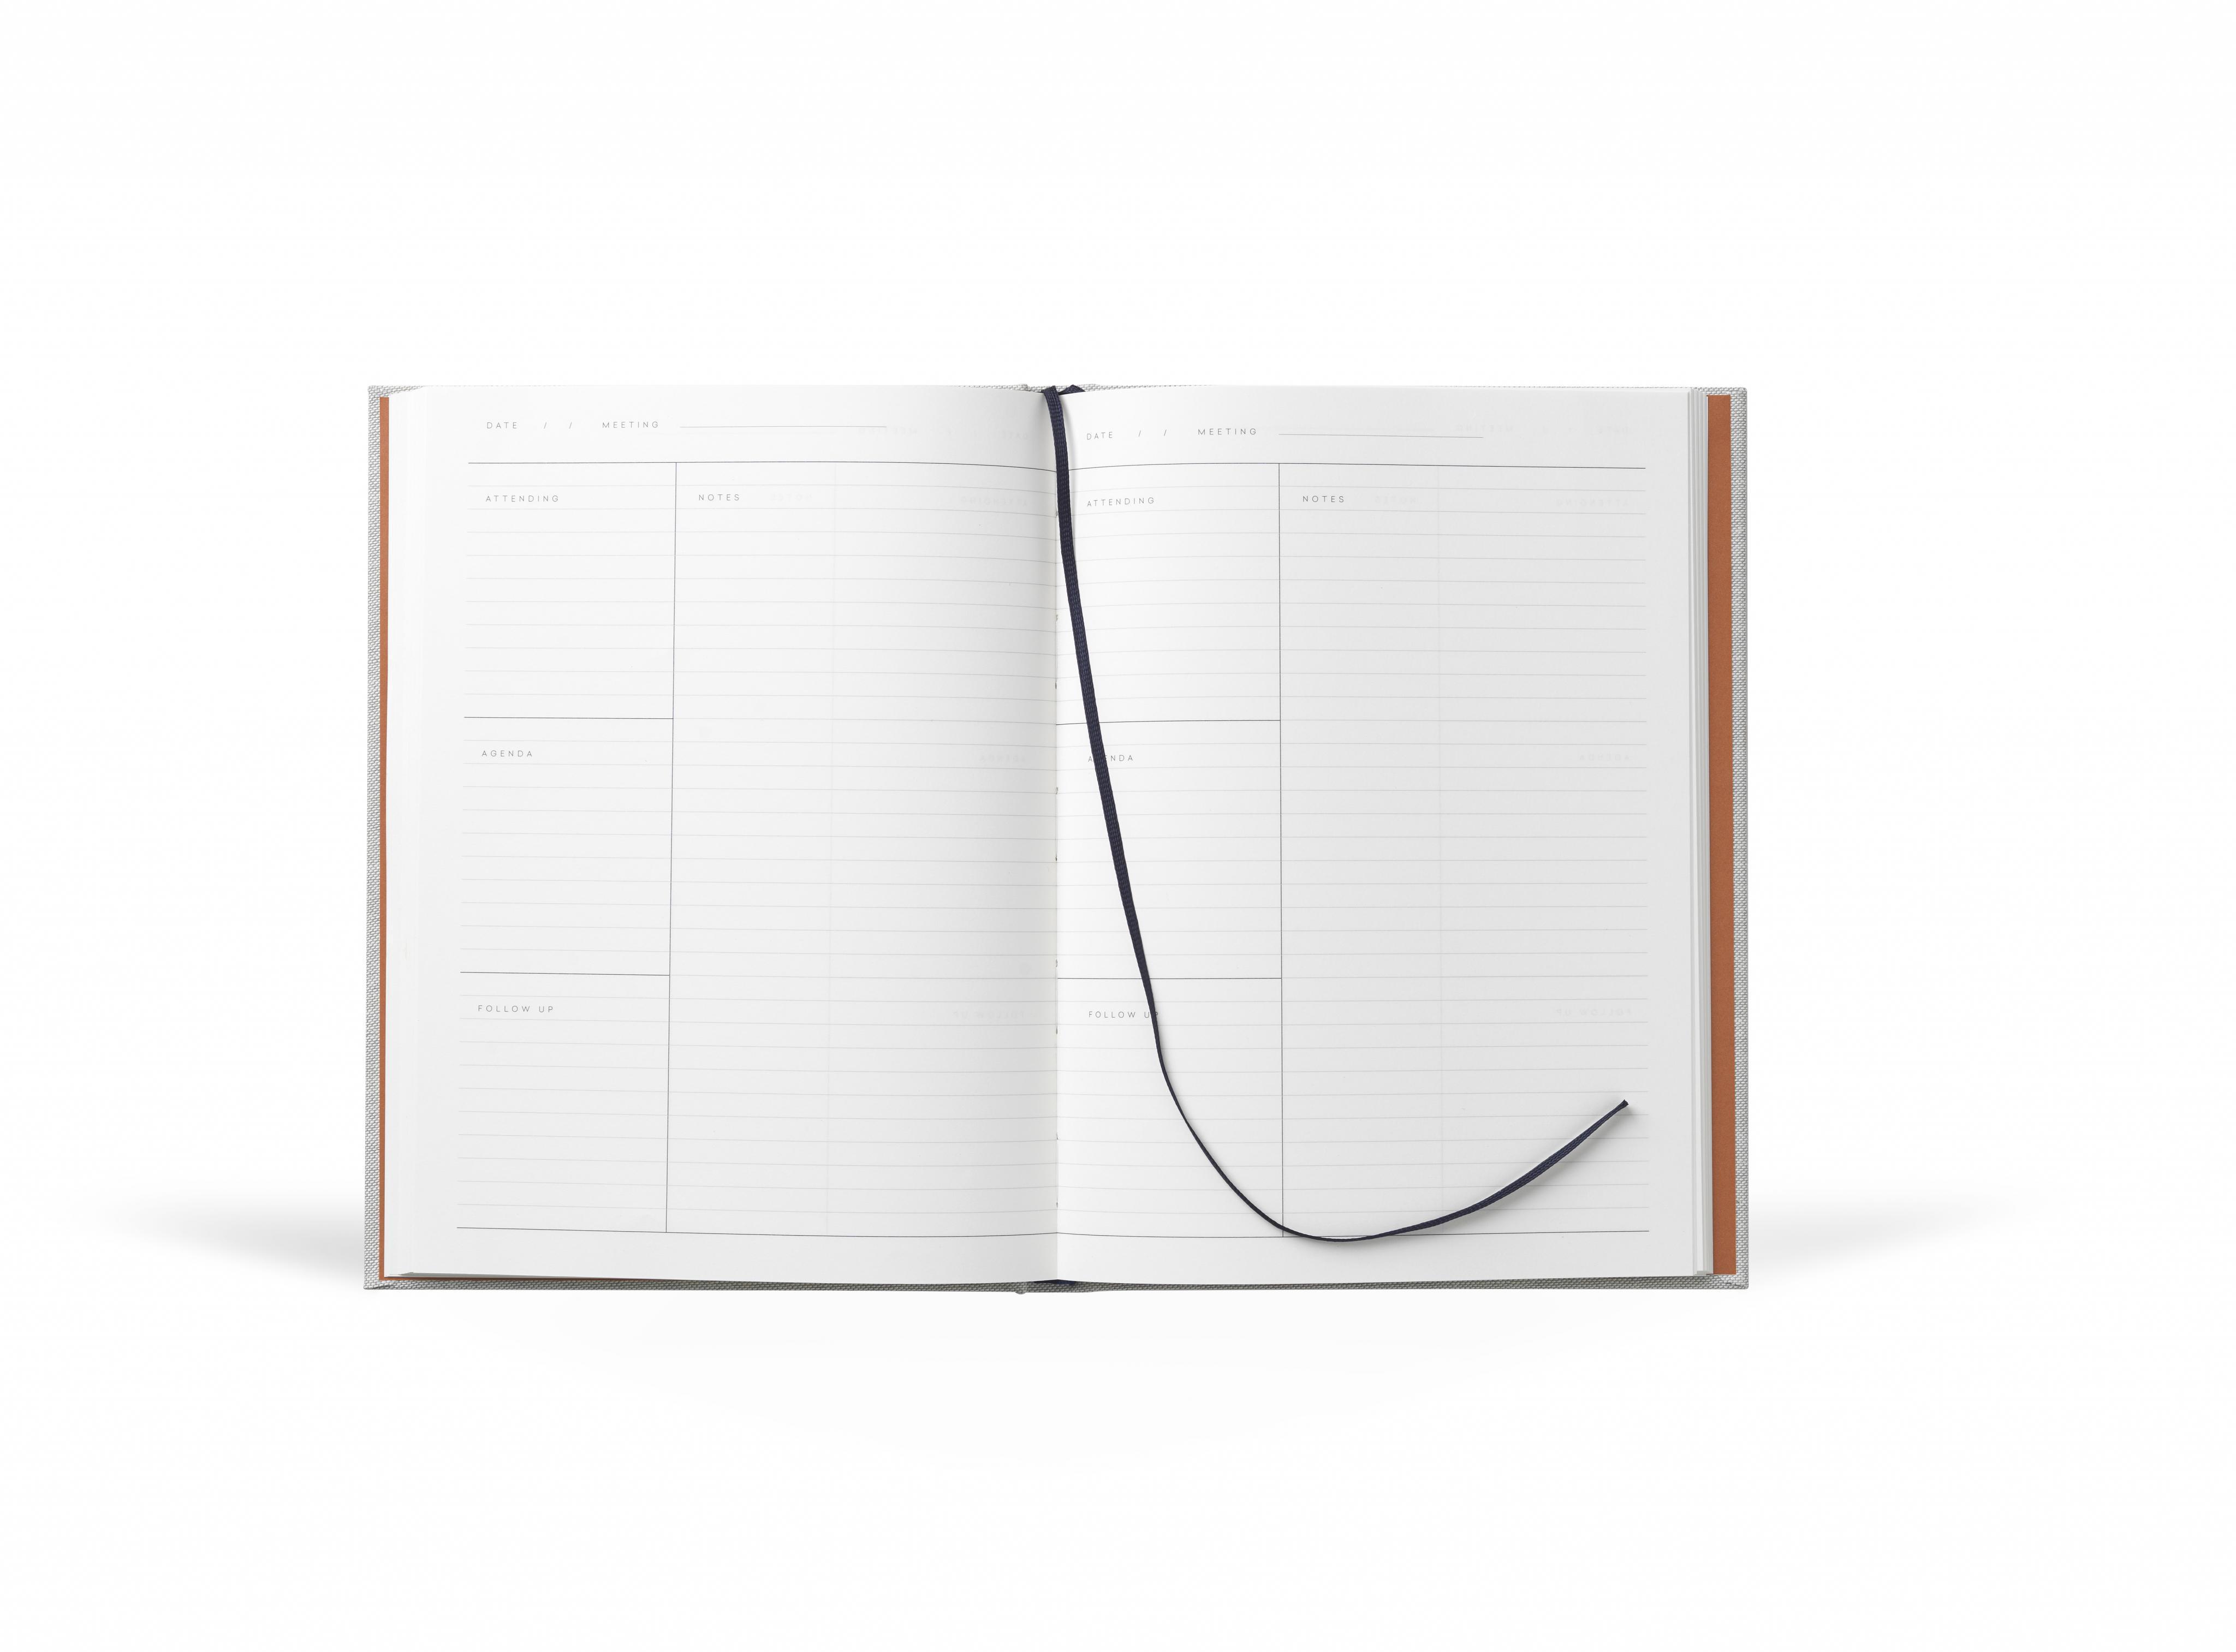 volta_notem_even_working-journal_inside_04